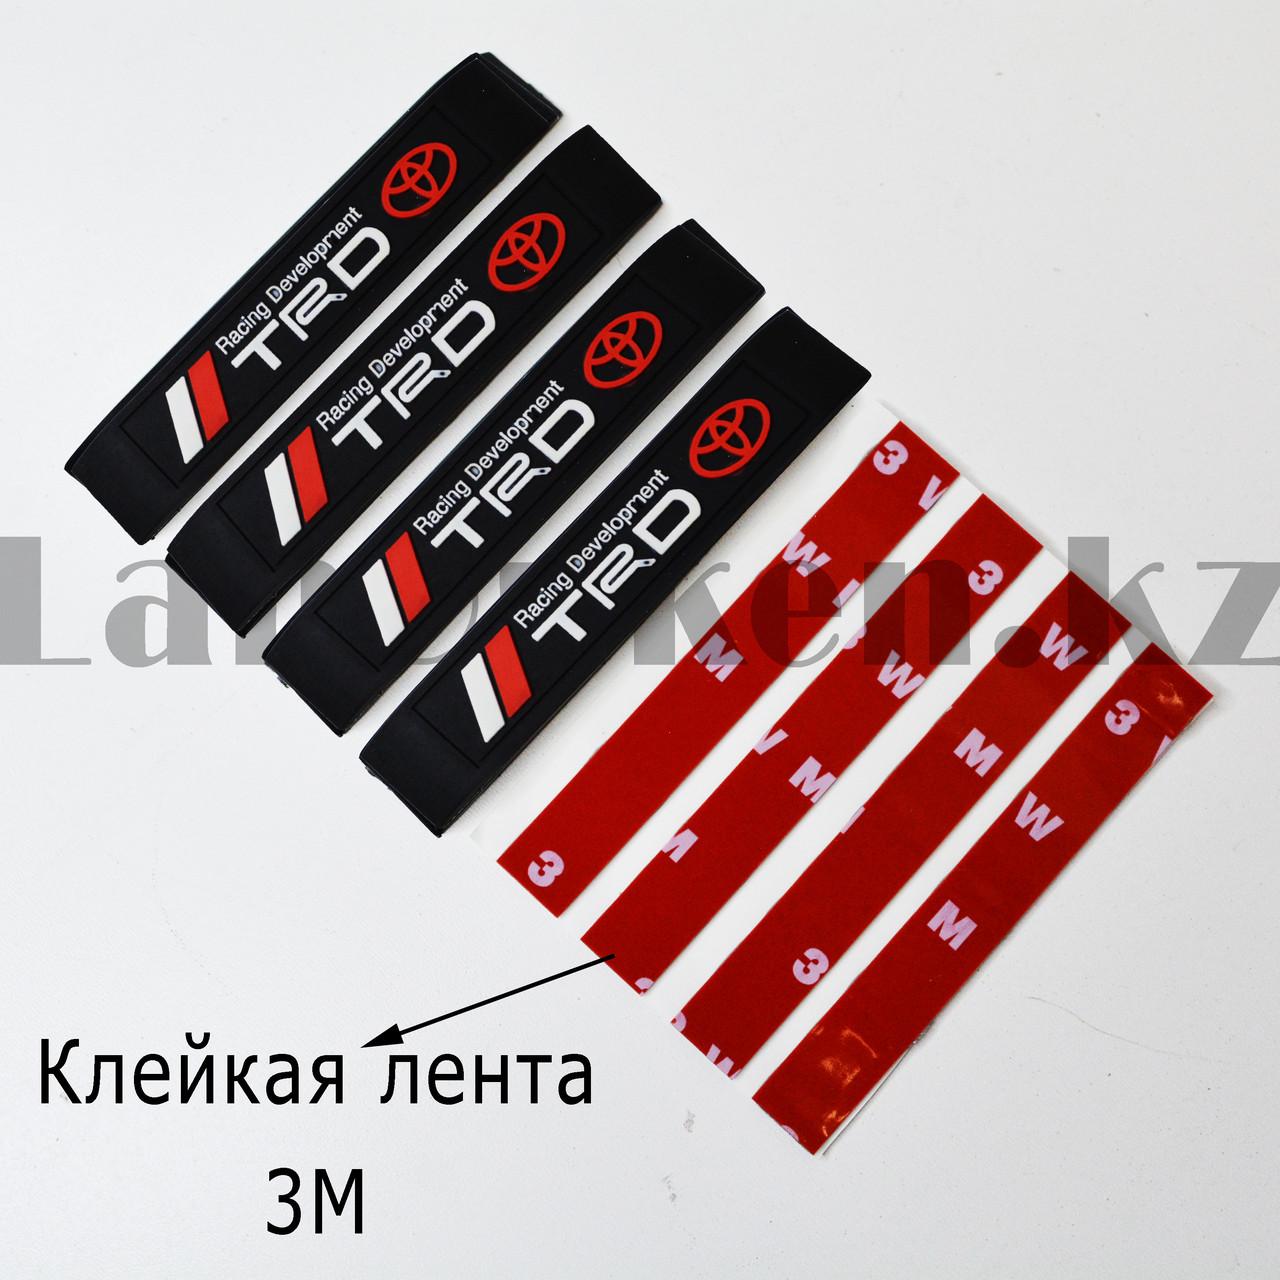 Накладки защитные на двери машины Fouring Black Label TOYOTA - фото 5